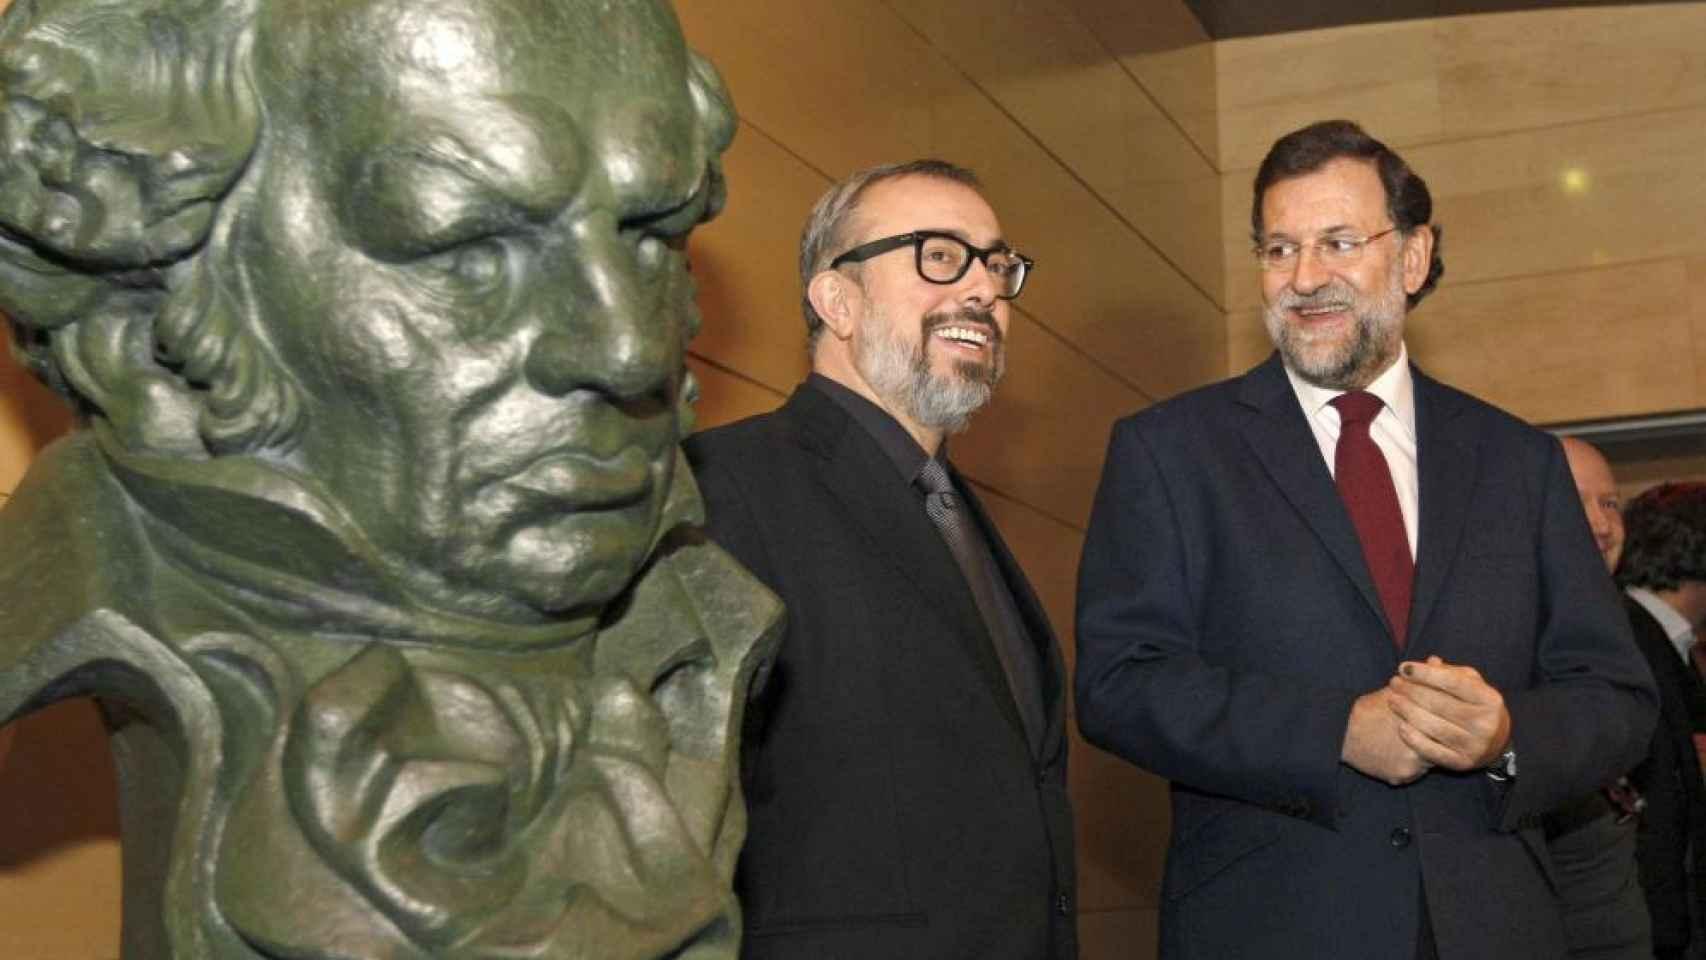 Última foto de Mariano Rajoy con el cine, en la ceremonia de los Goya, en 2010, como presidente del PP.